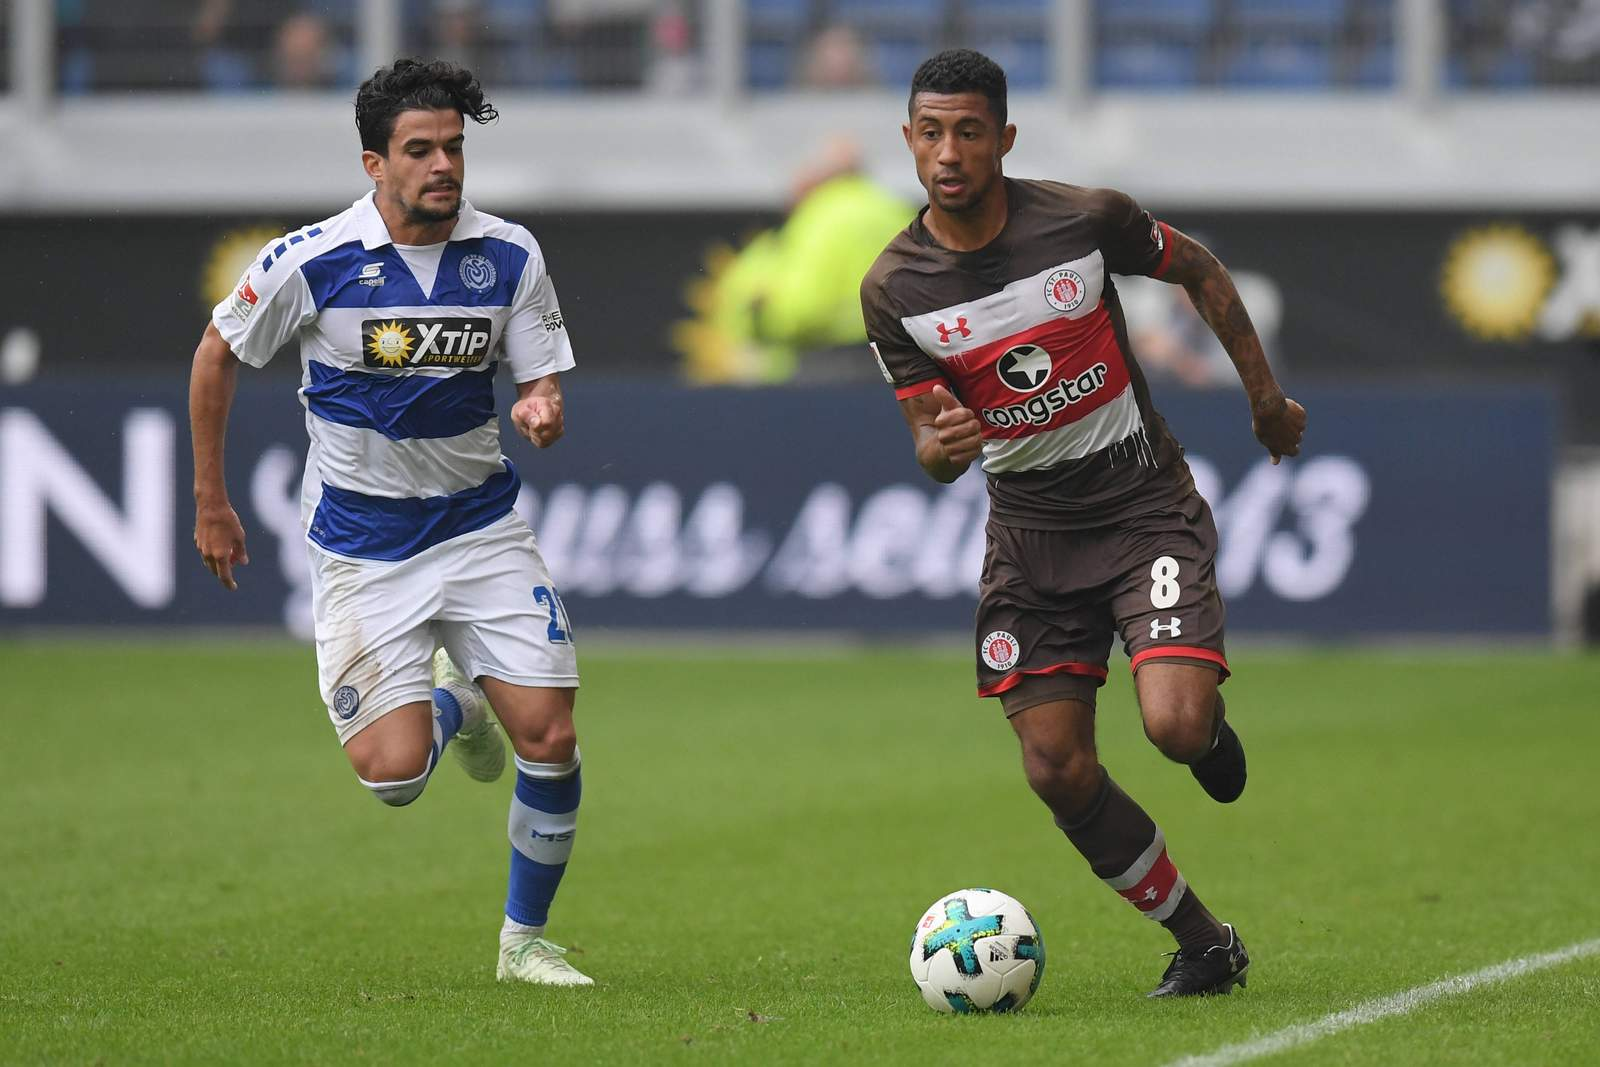 Zieht Jeremy Dudziak Cauly Souza davon? Jetzt auf MSV Duisburg gegen FC St. Pauli wetten.